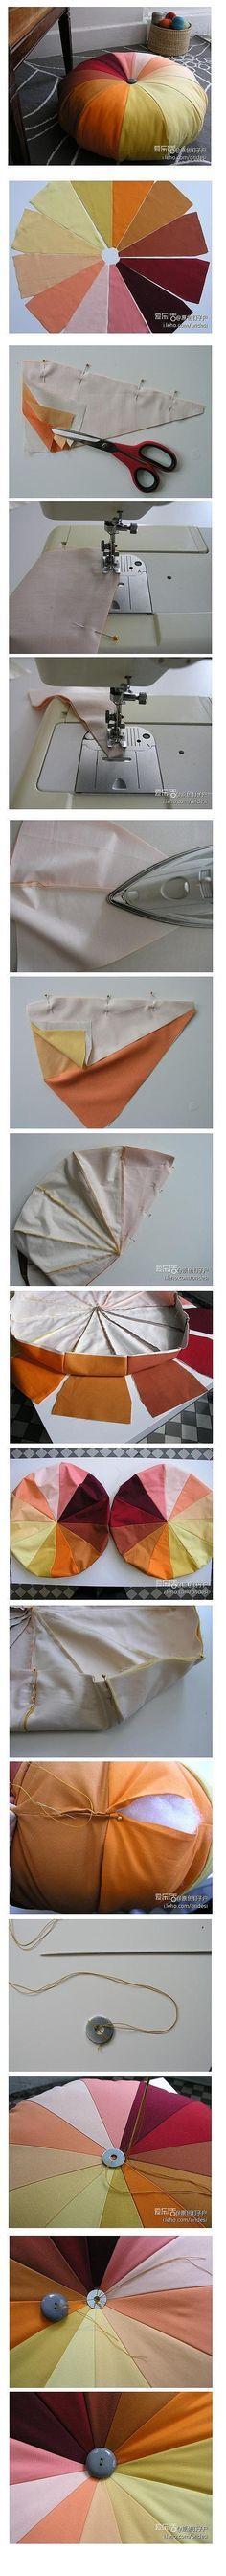 DIY Pumpkin Cushion DIY Projects | UsefulDIY.com